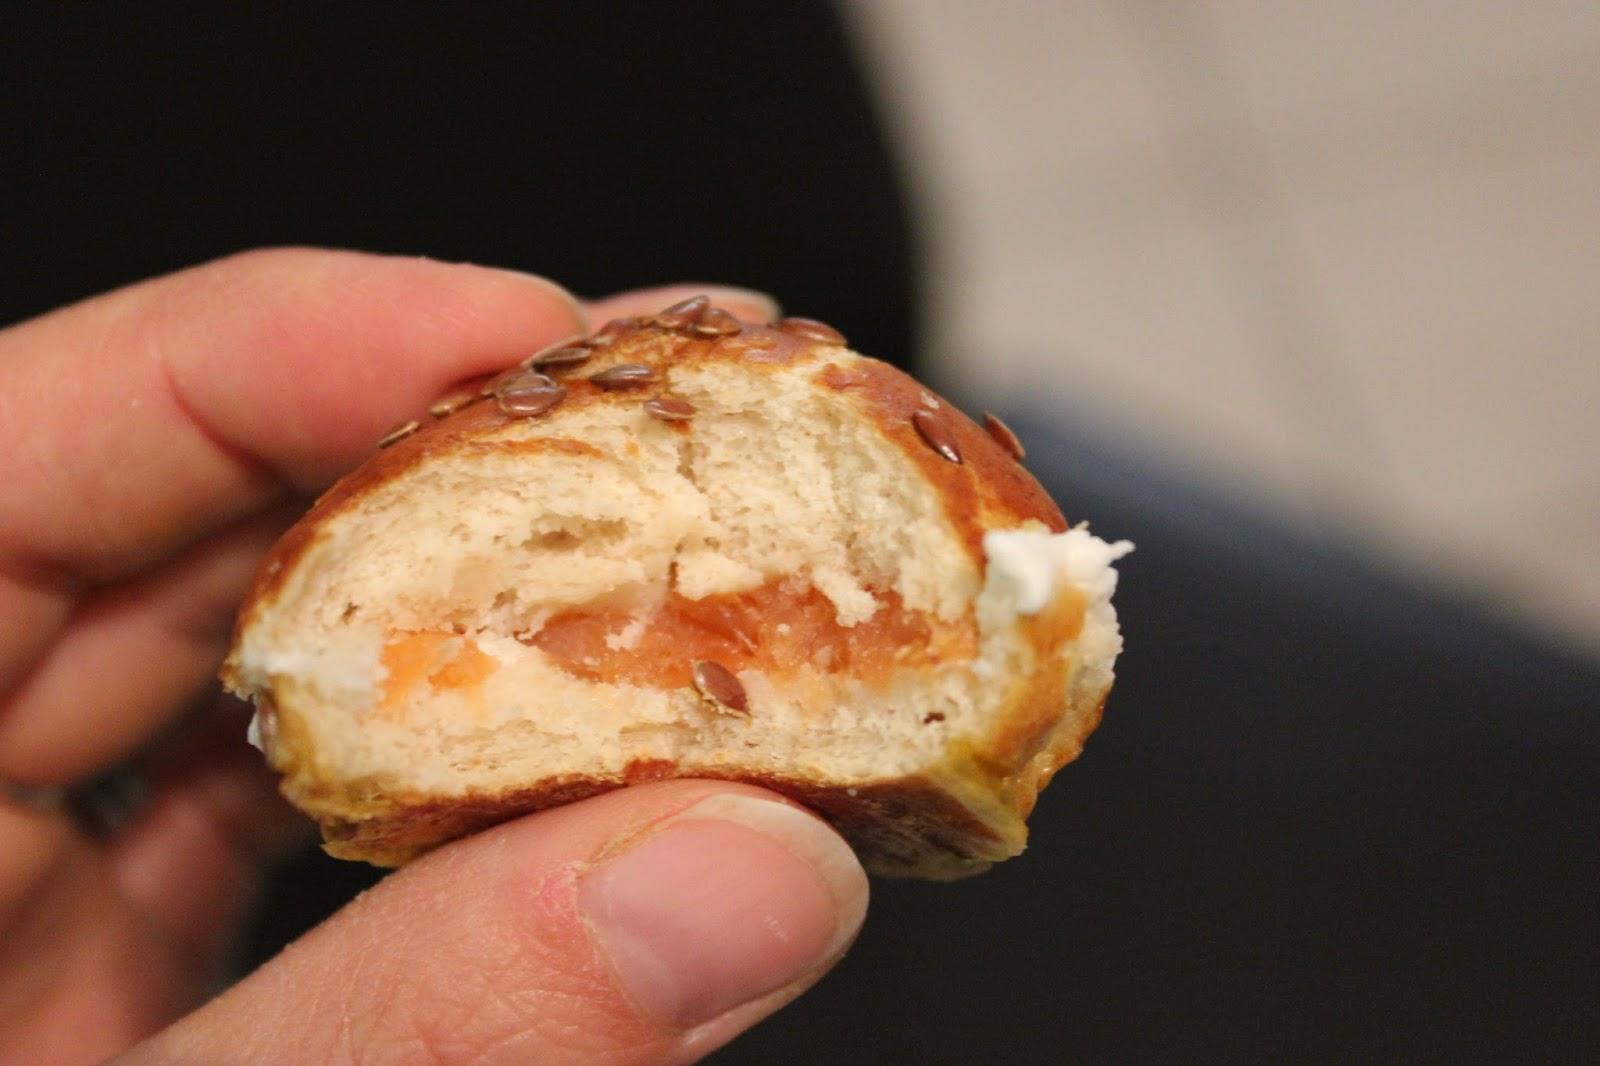 Petites mauricettes pour l 39 ap ritif - Combien de sorte de tomate ...